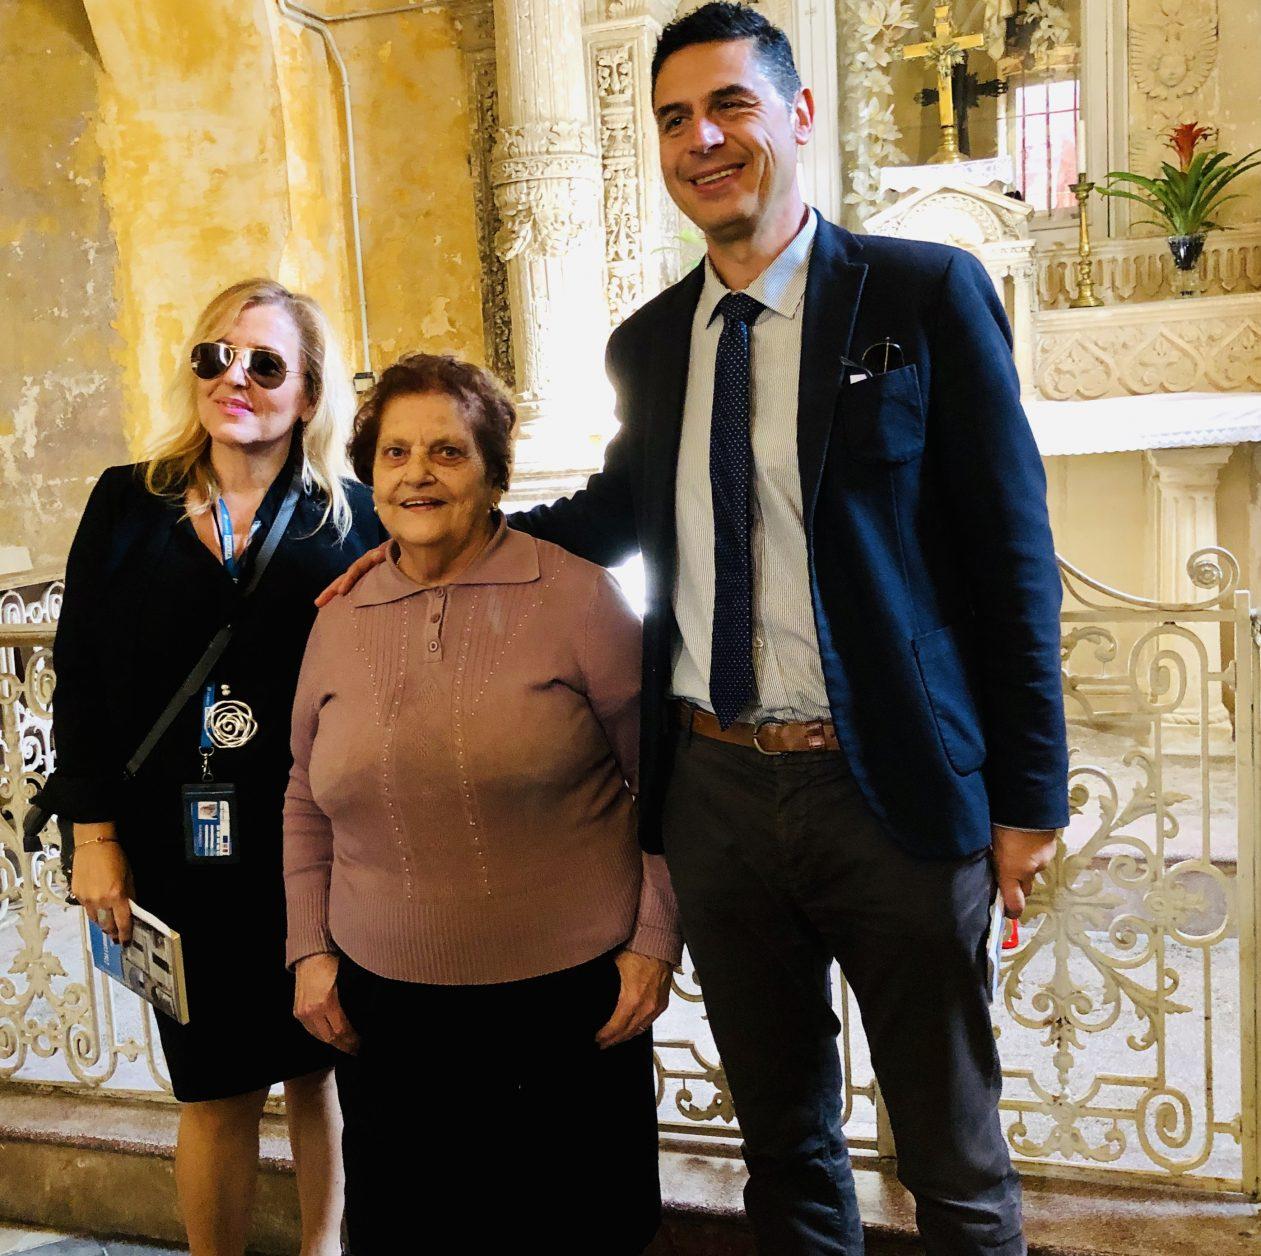 Carmelina Lorenzo kümmert sich um eine kleine Kapelle